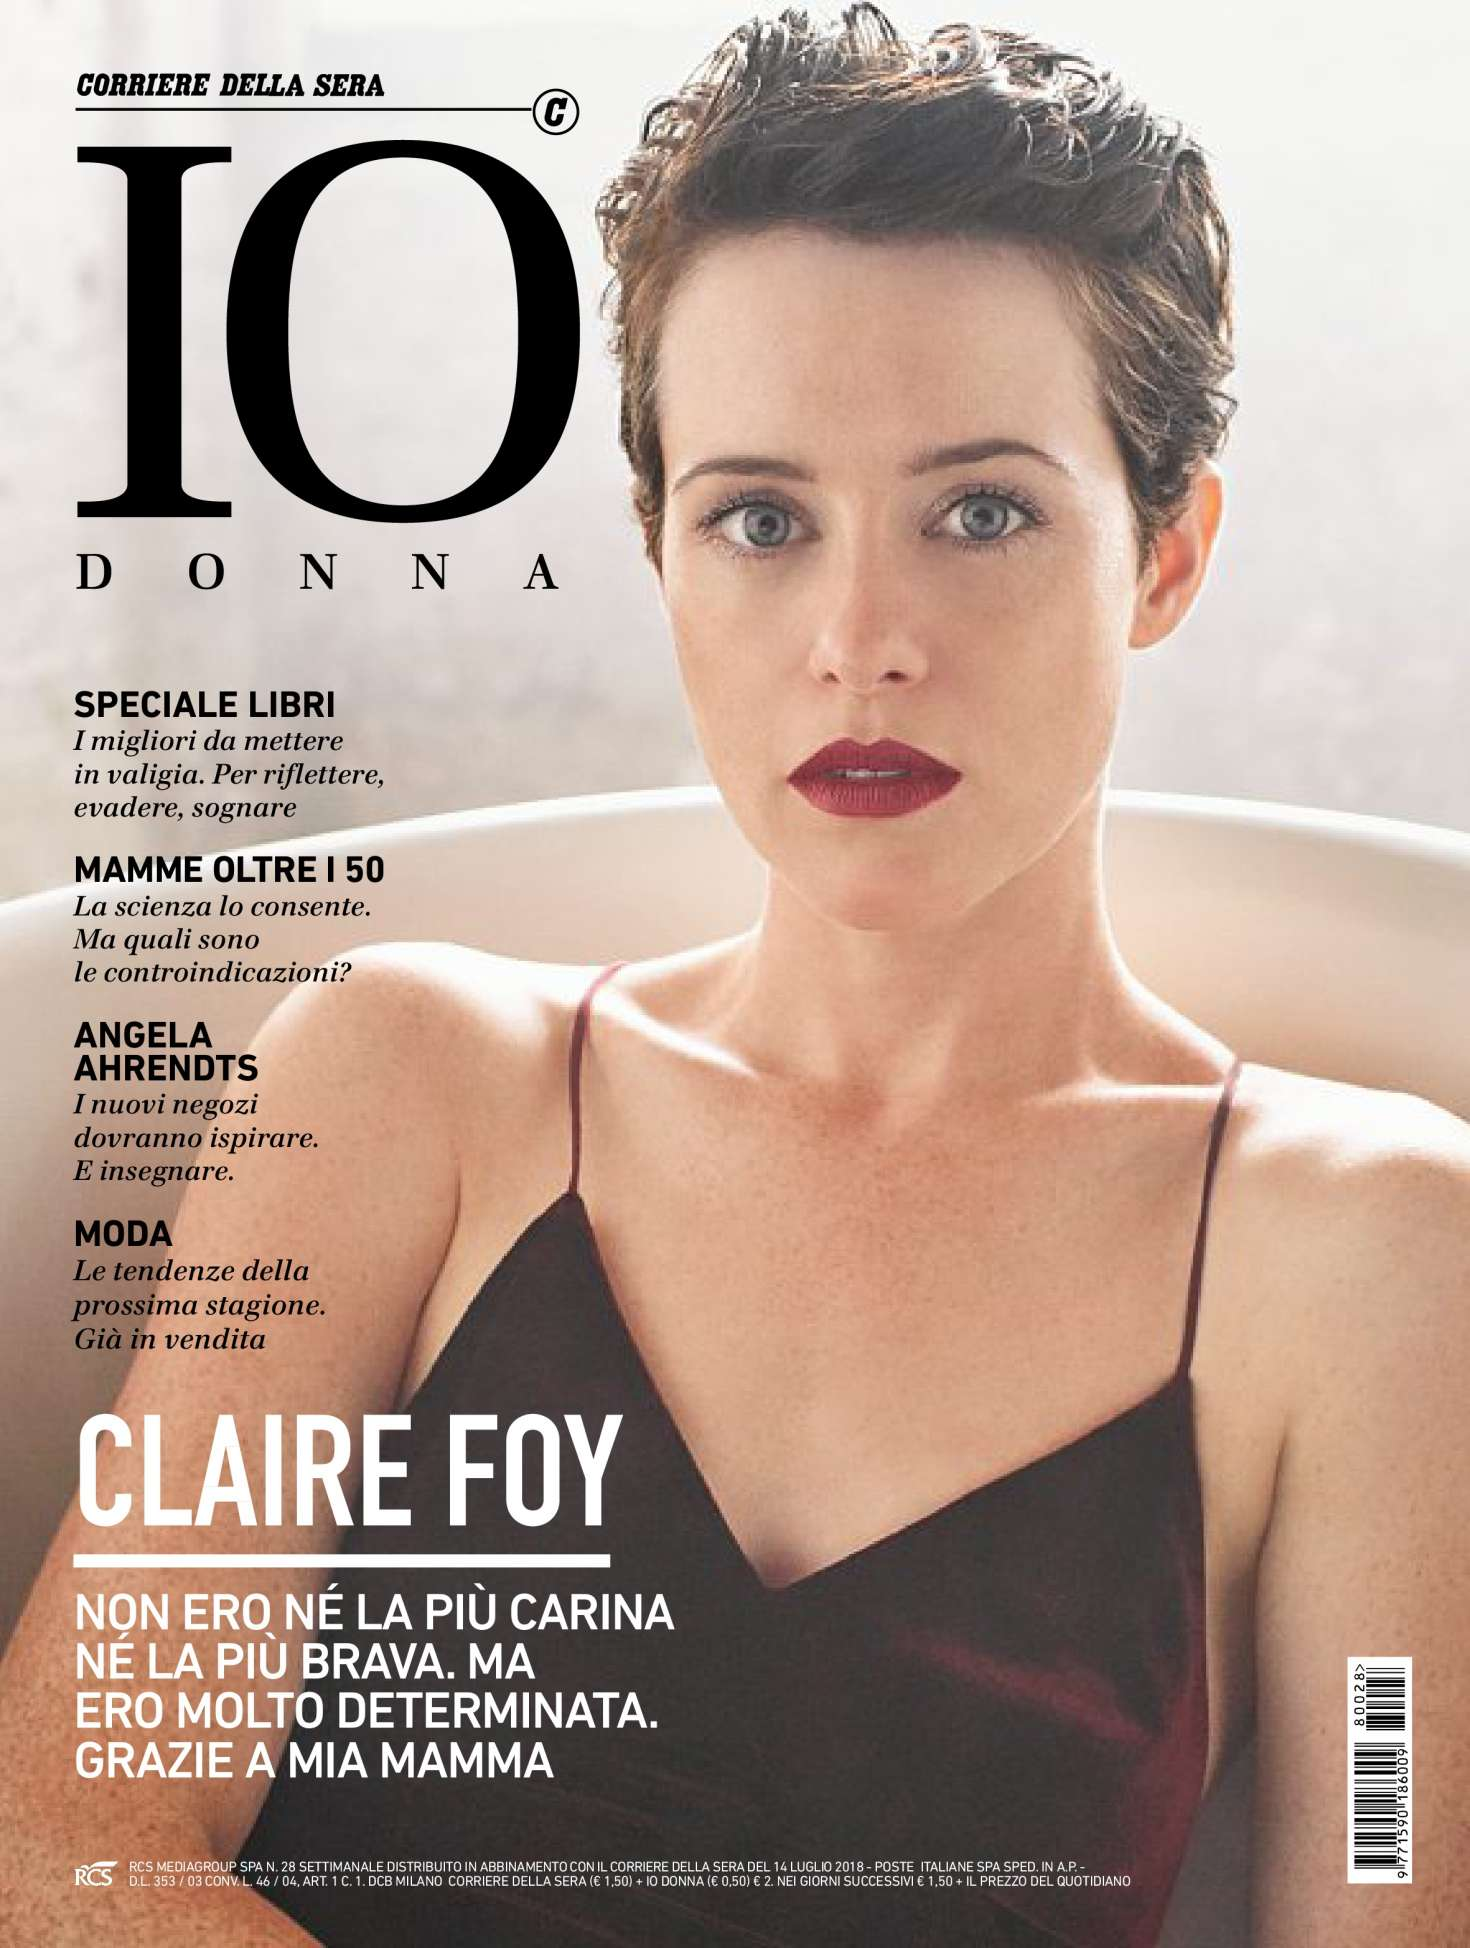 Claire Foy 2018 : Claire Foy: Io Donna del Corriere della Sera 2018 -06